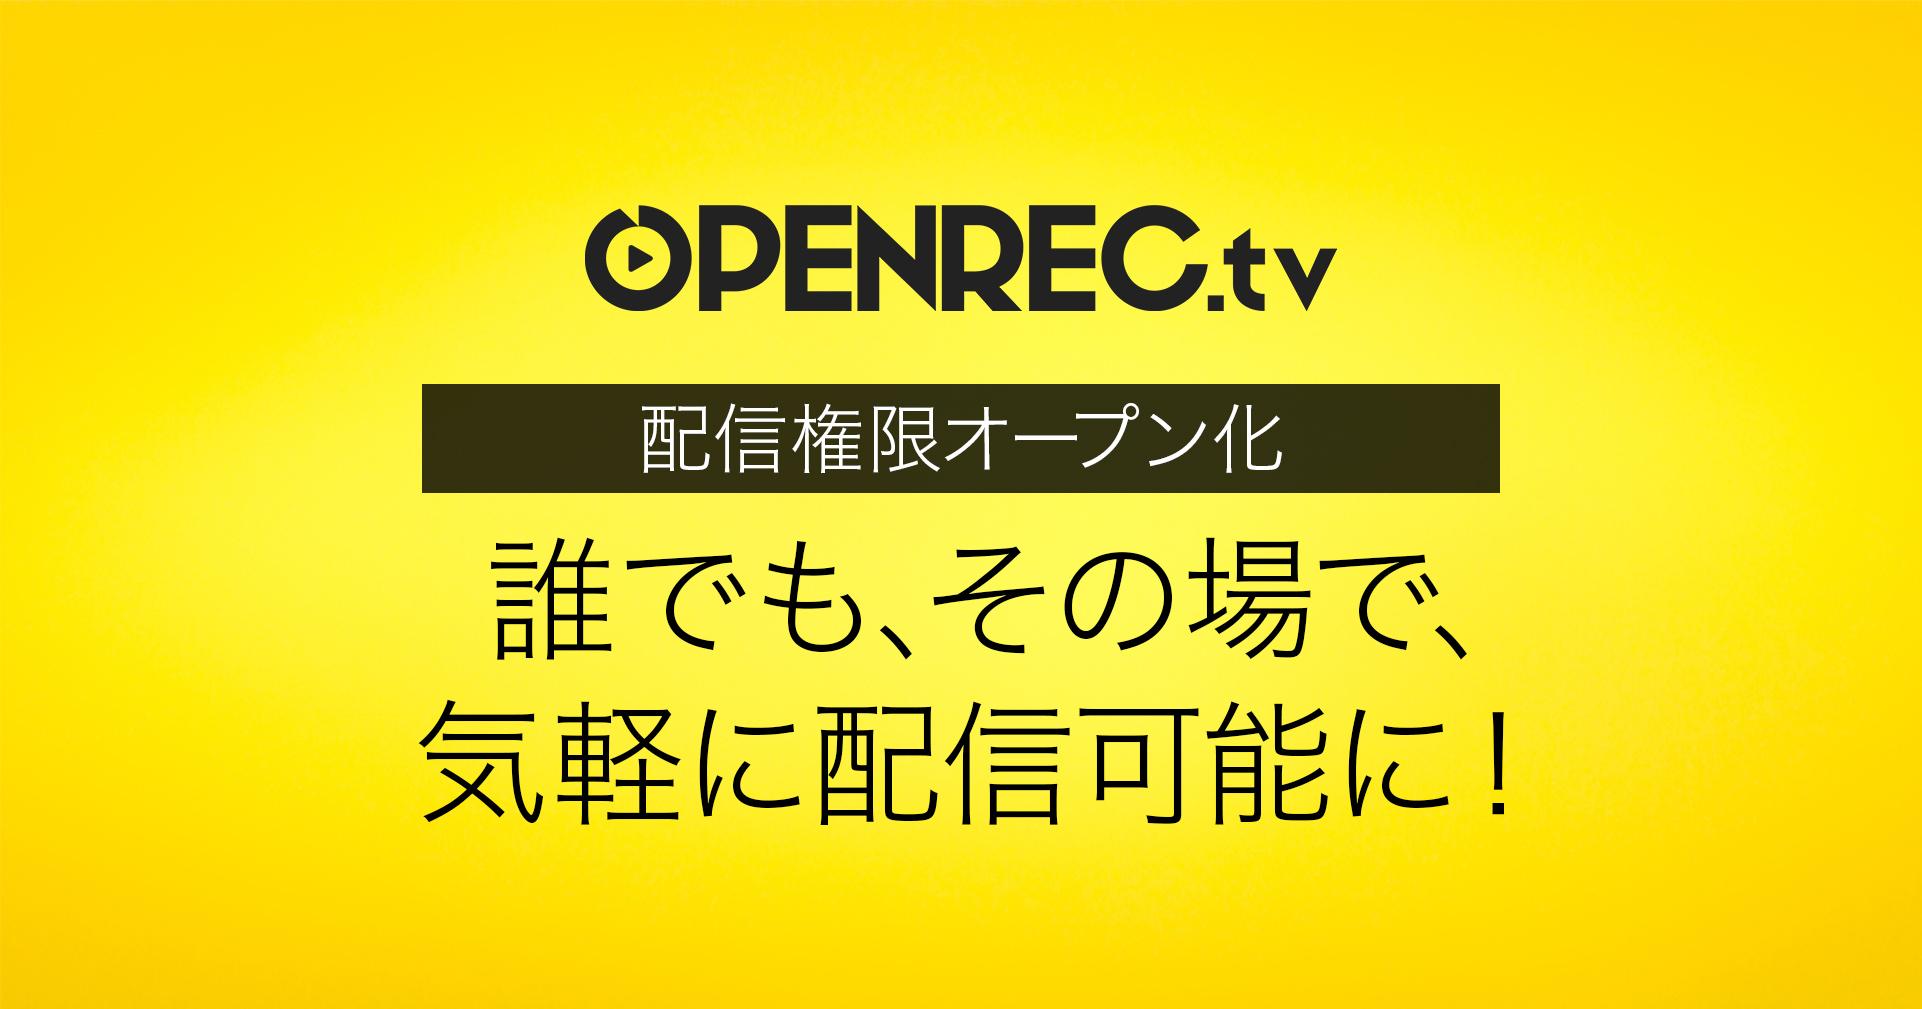 【配信権限オープン化】配信権限の取得方法から、ライブ配信開始までの操作手順を解説いたします!